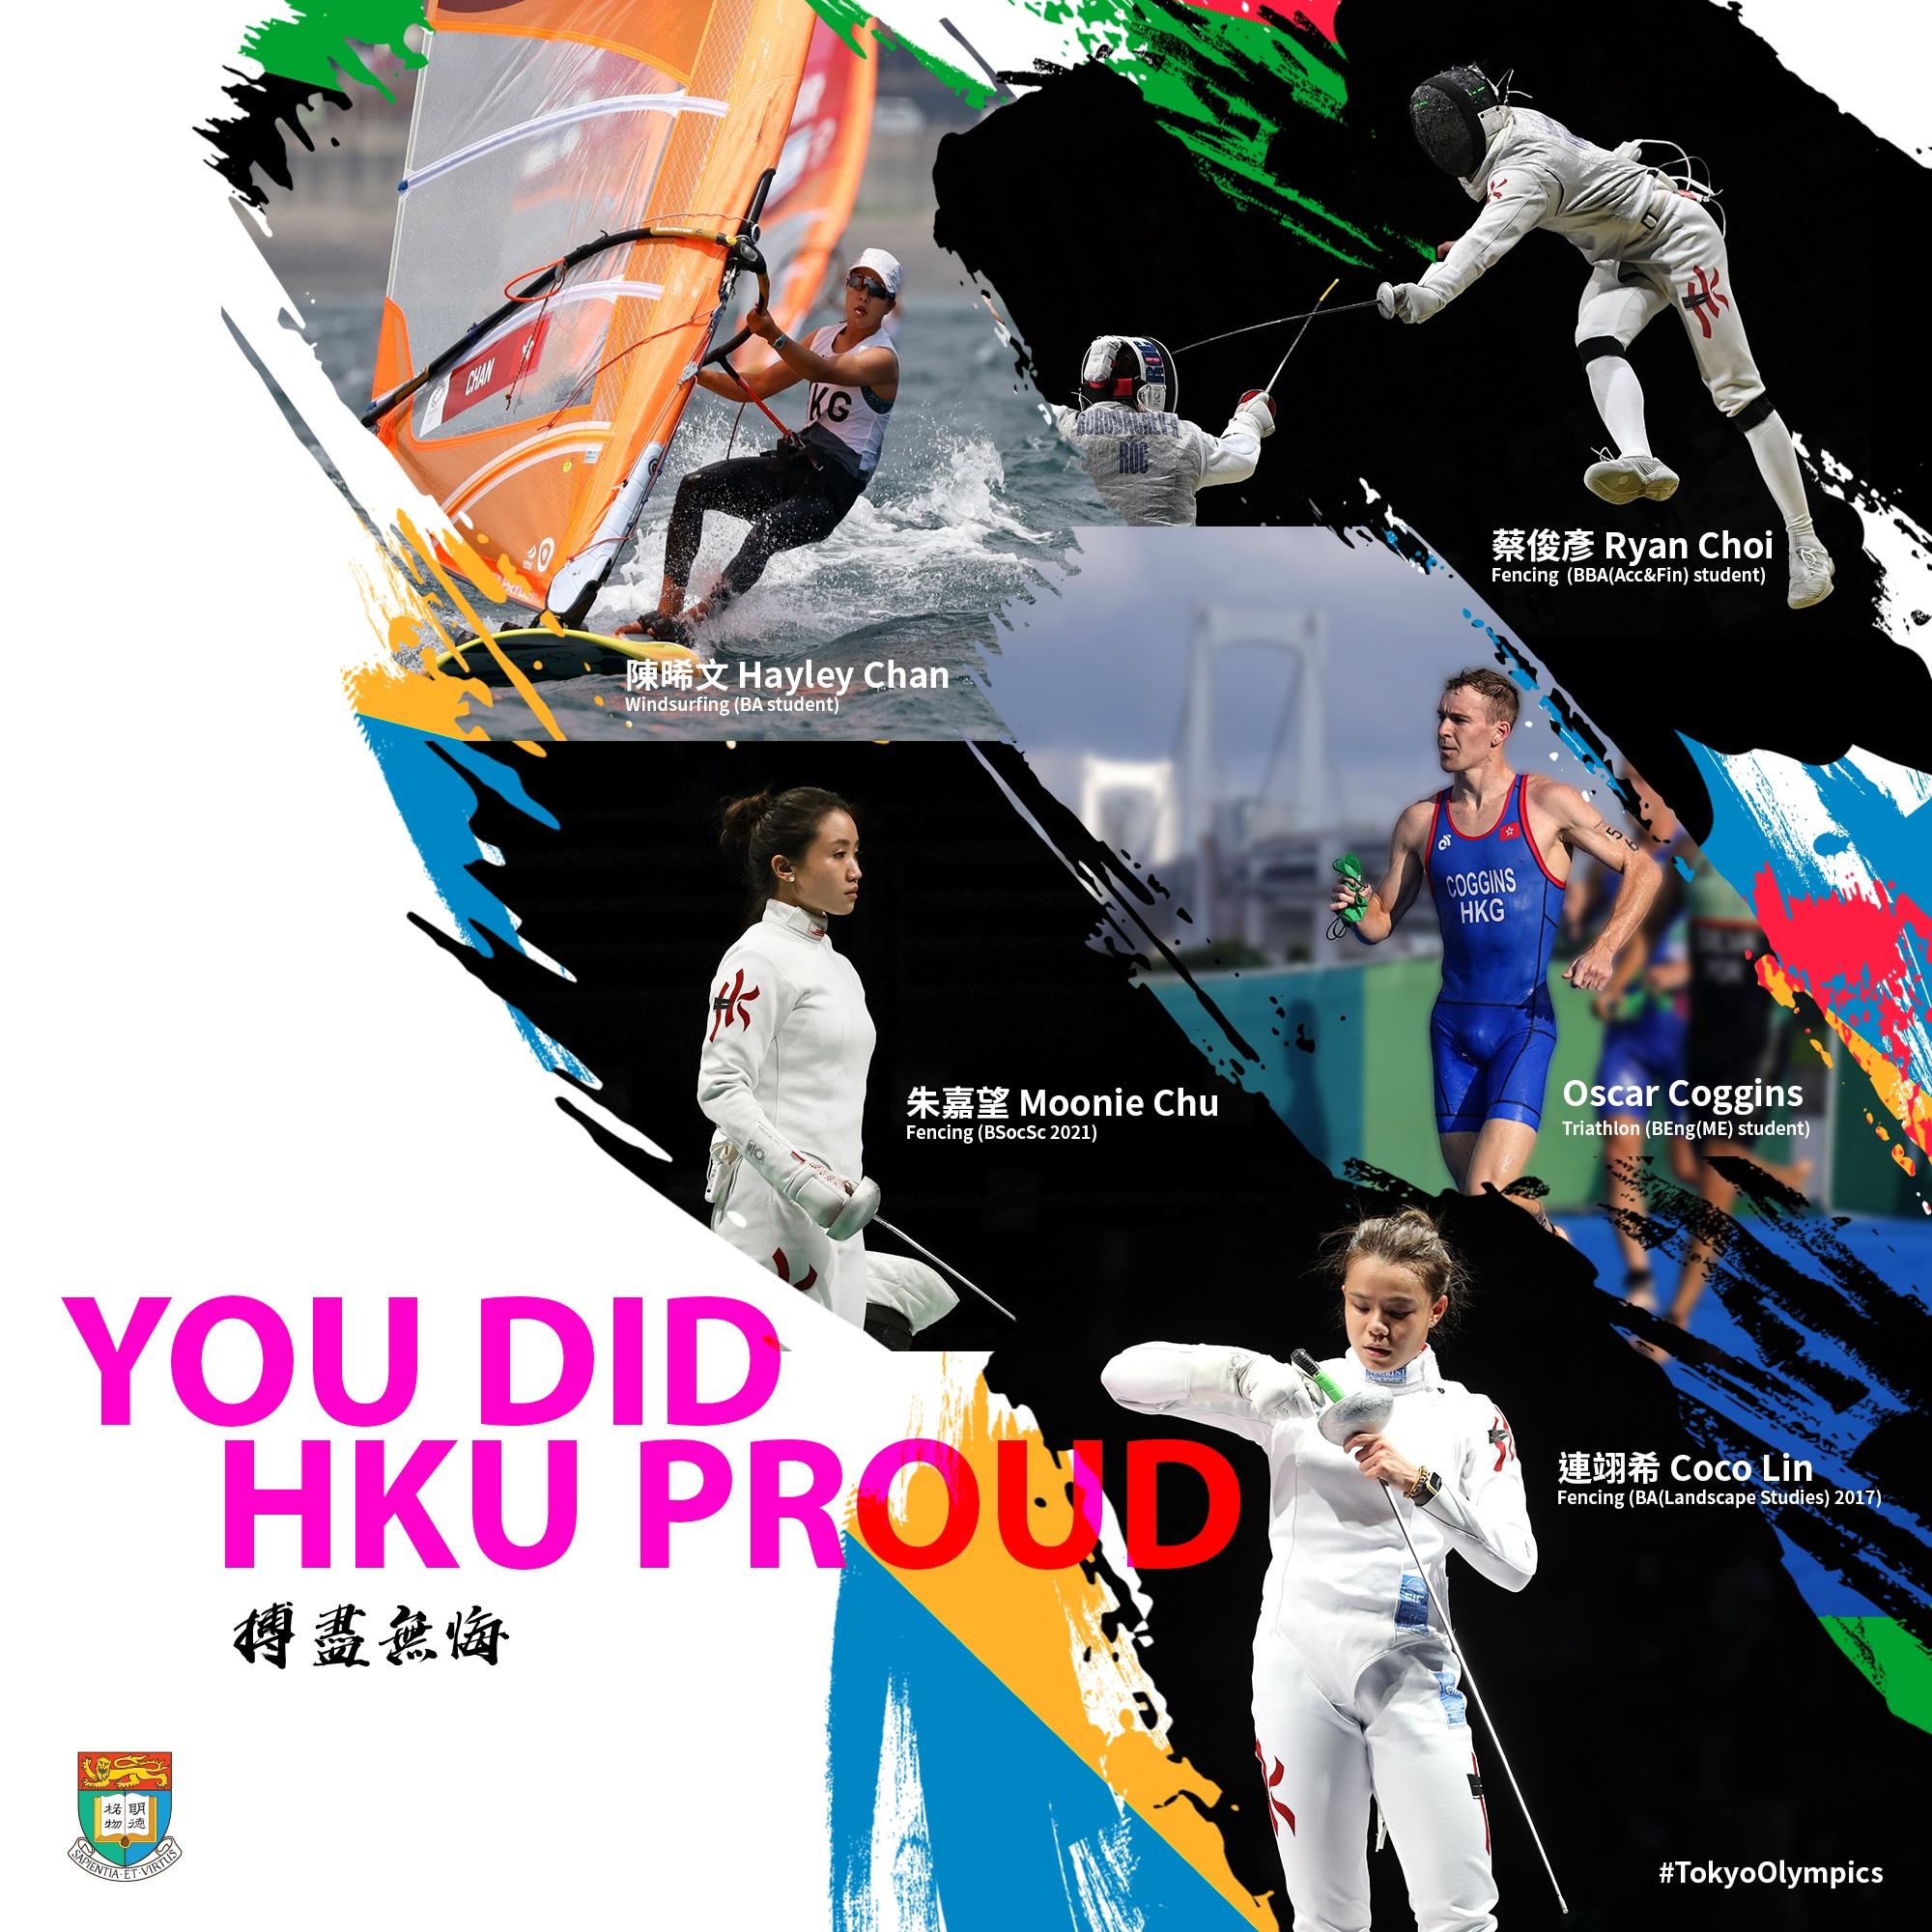 港大推出10萬元獎學金嘉獎出征奧運學生明年將推出「頂尖運動員入學計劃」